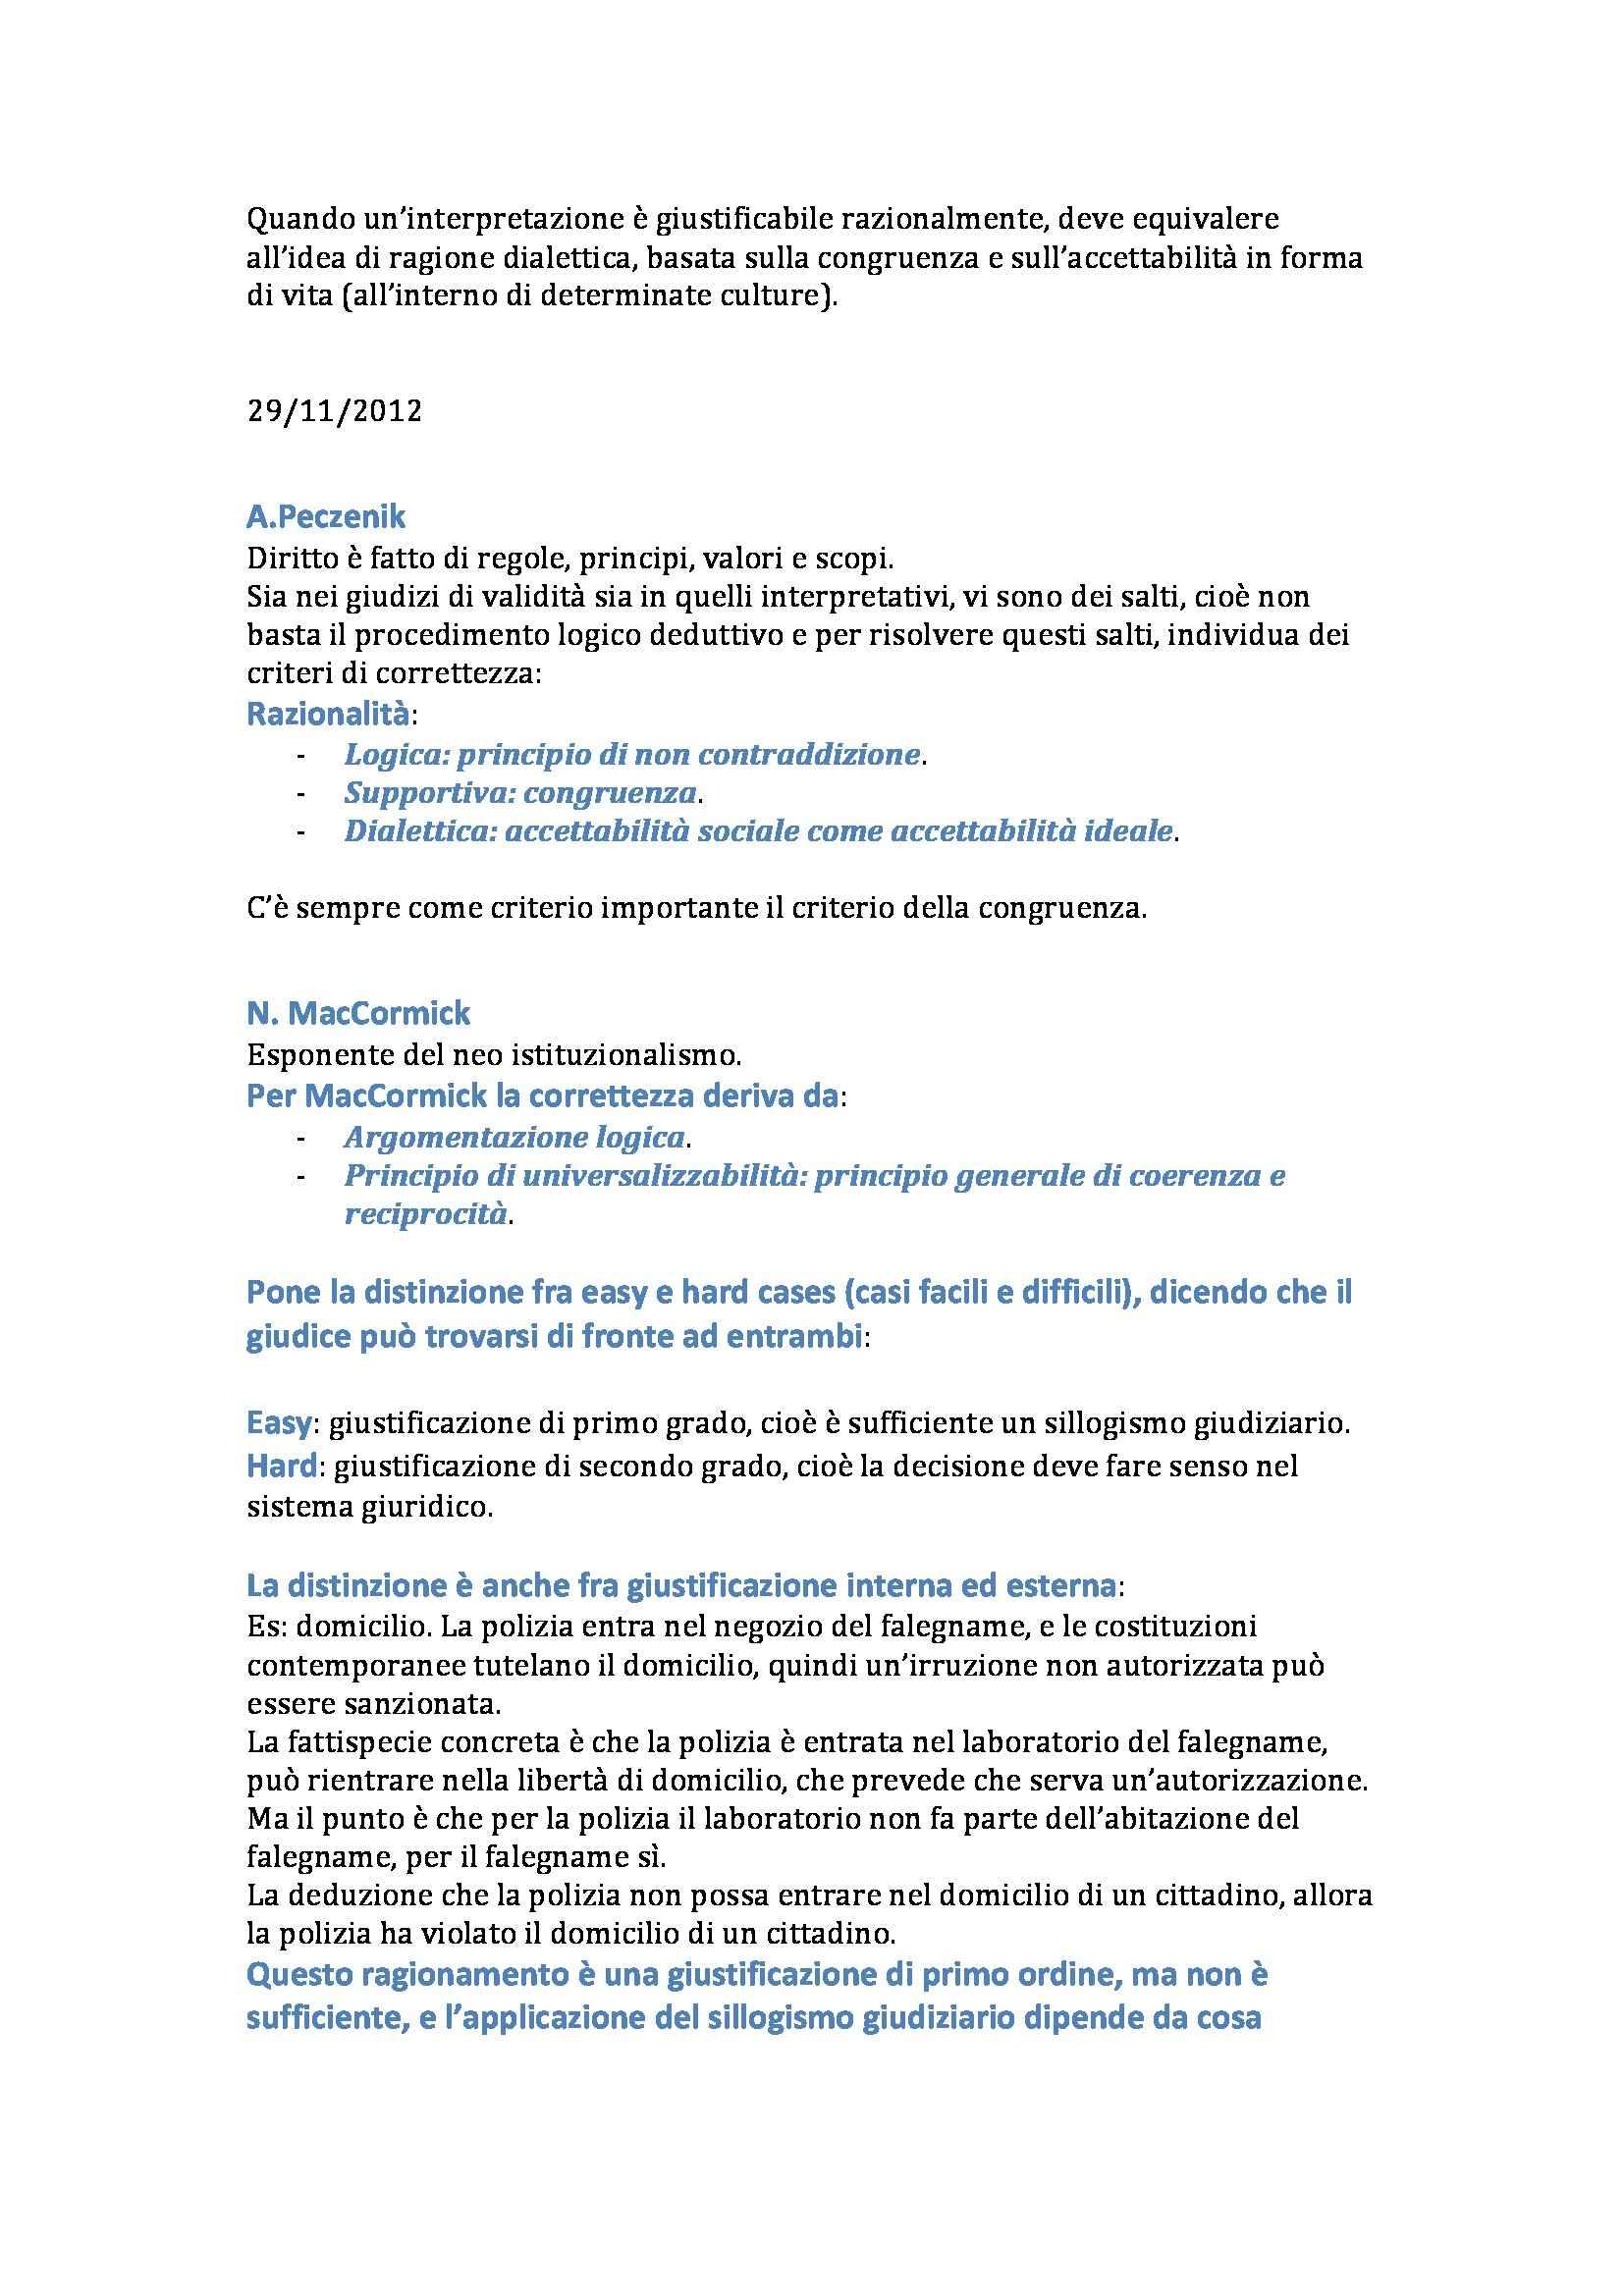 Filosofia del diritto - Appunti Pag. 61